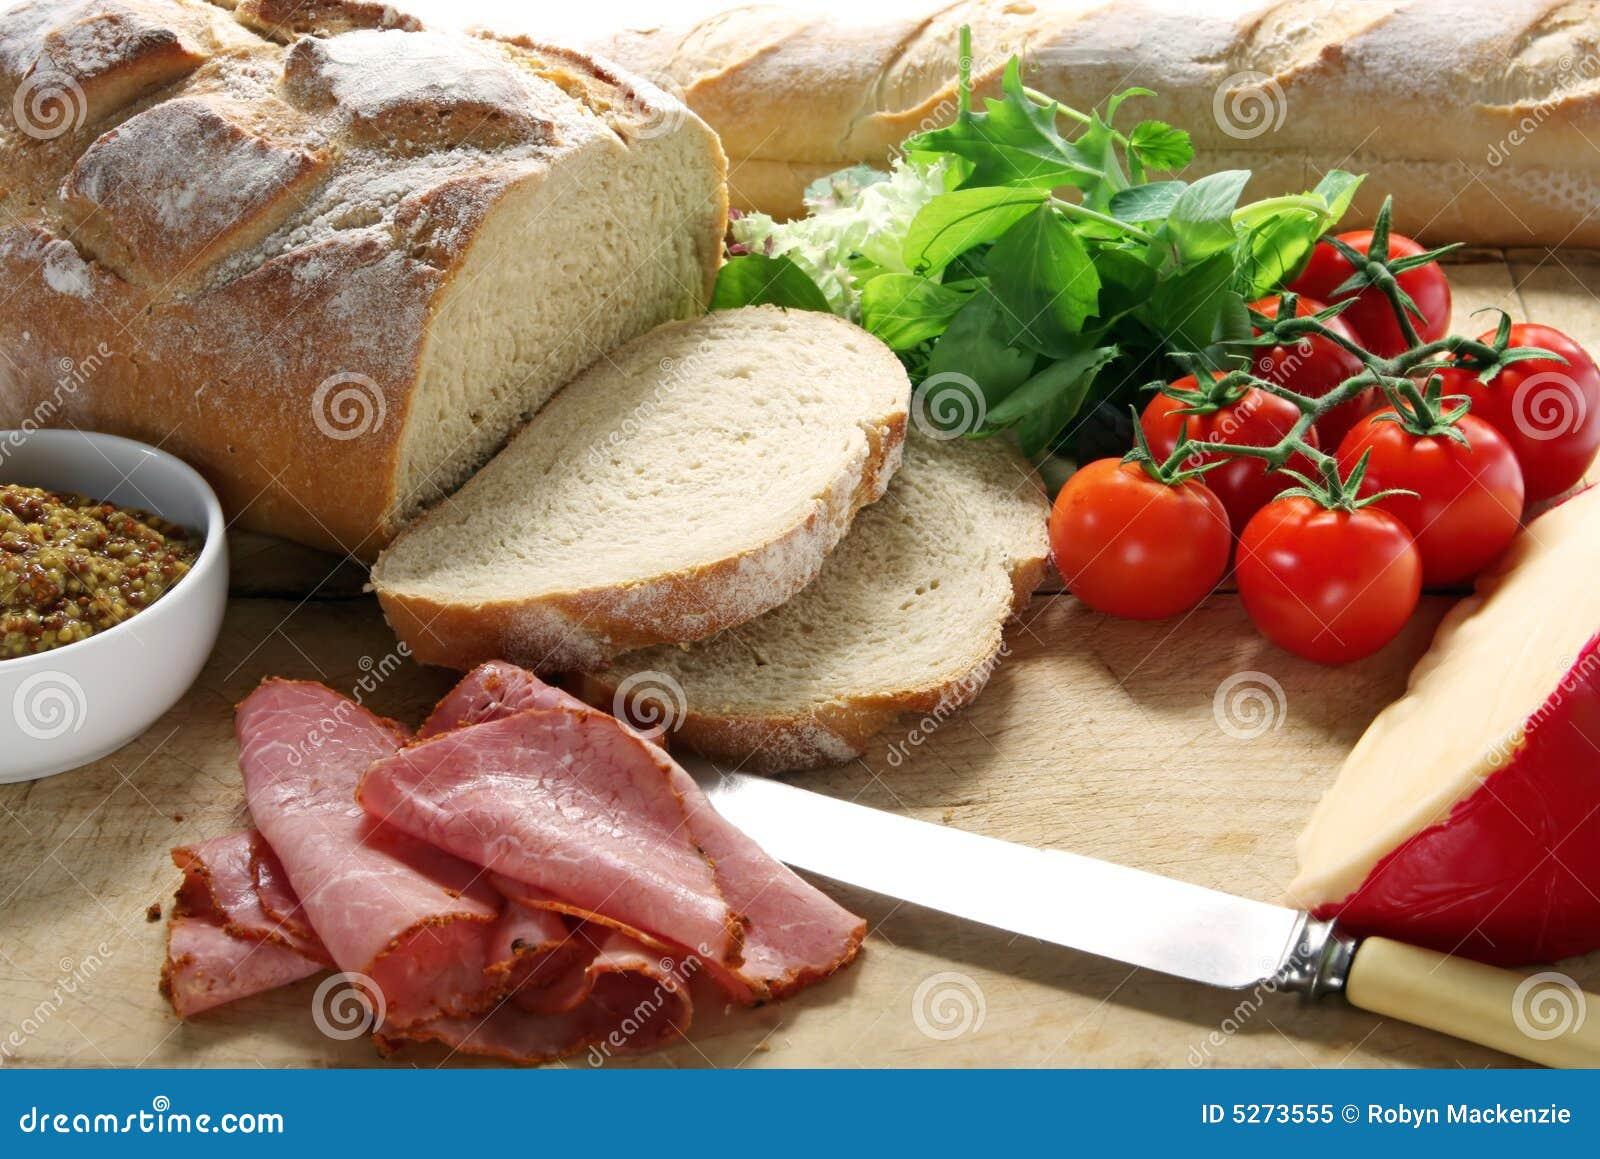 Produrre un panino